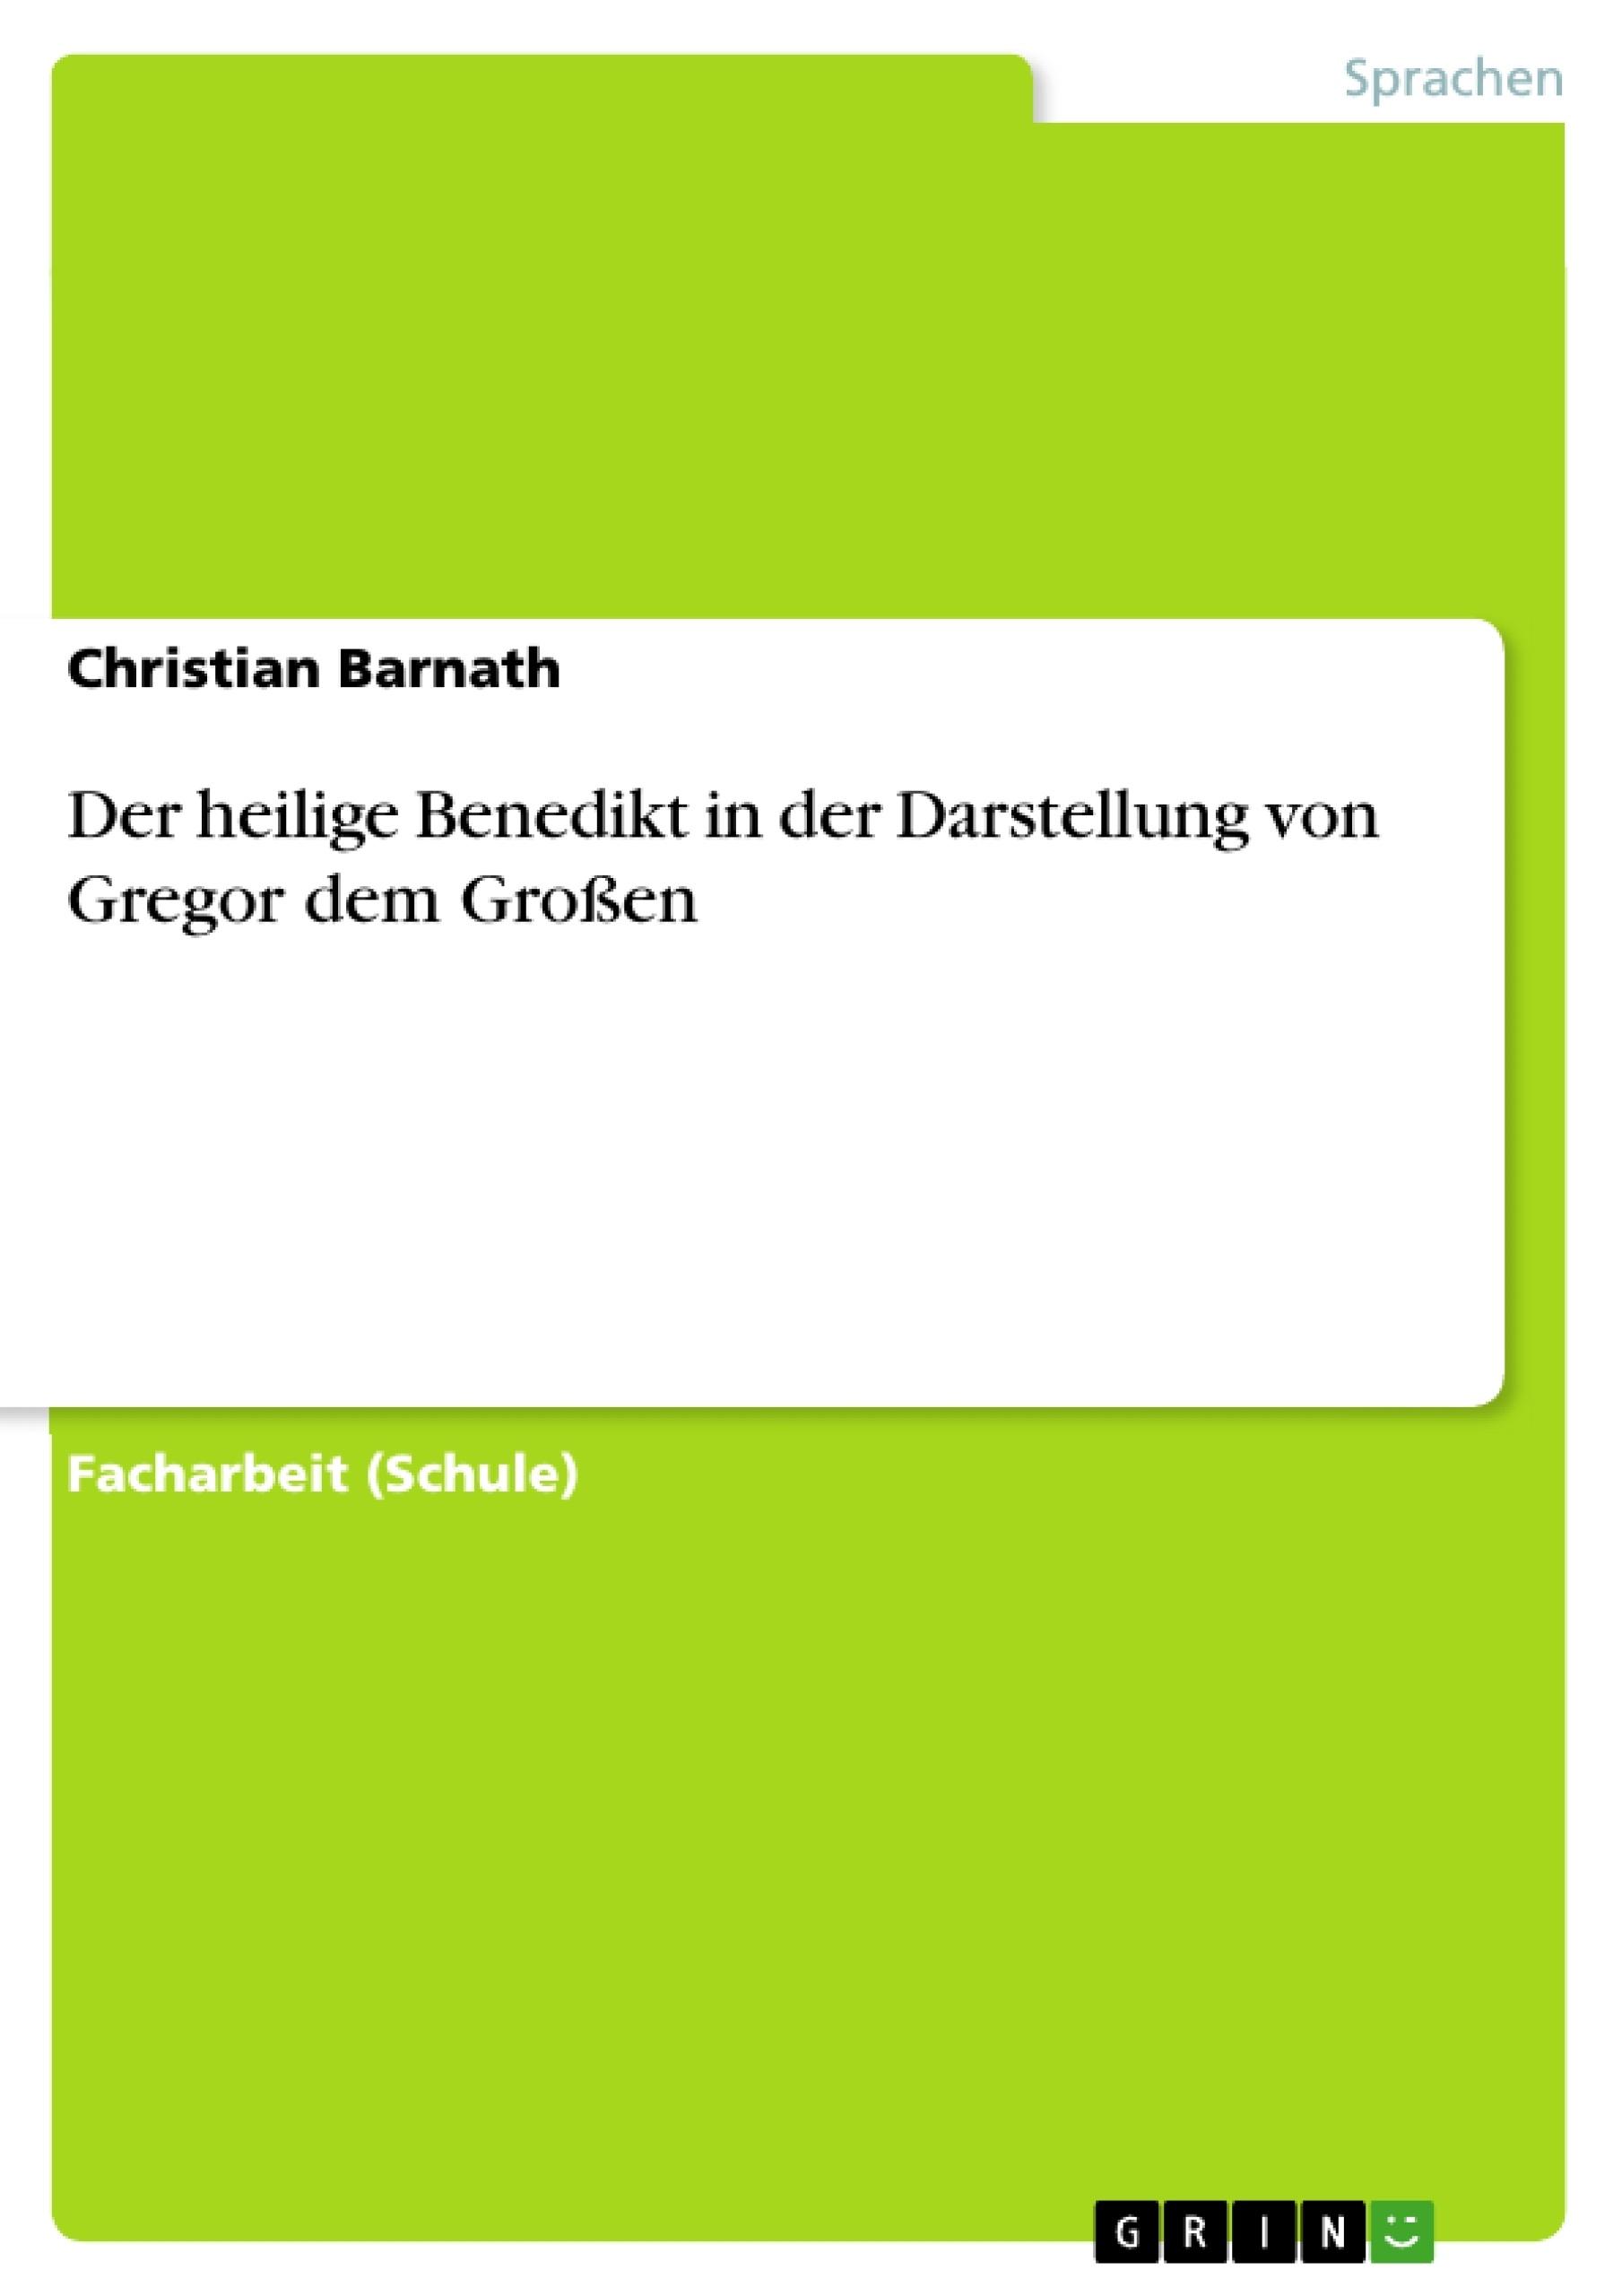 Titel: Der heilige Benedikt in der Darstellung von Gregor dem Großen